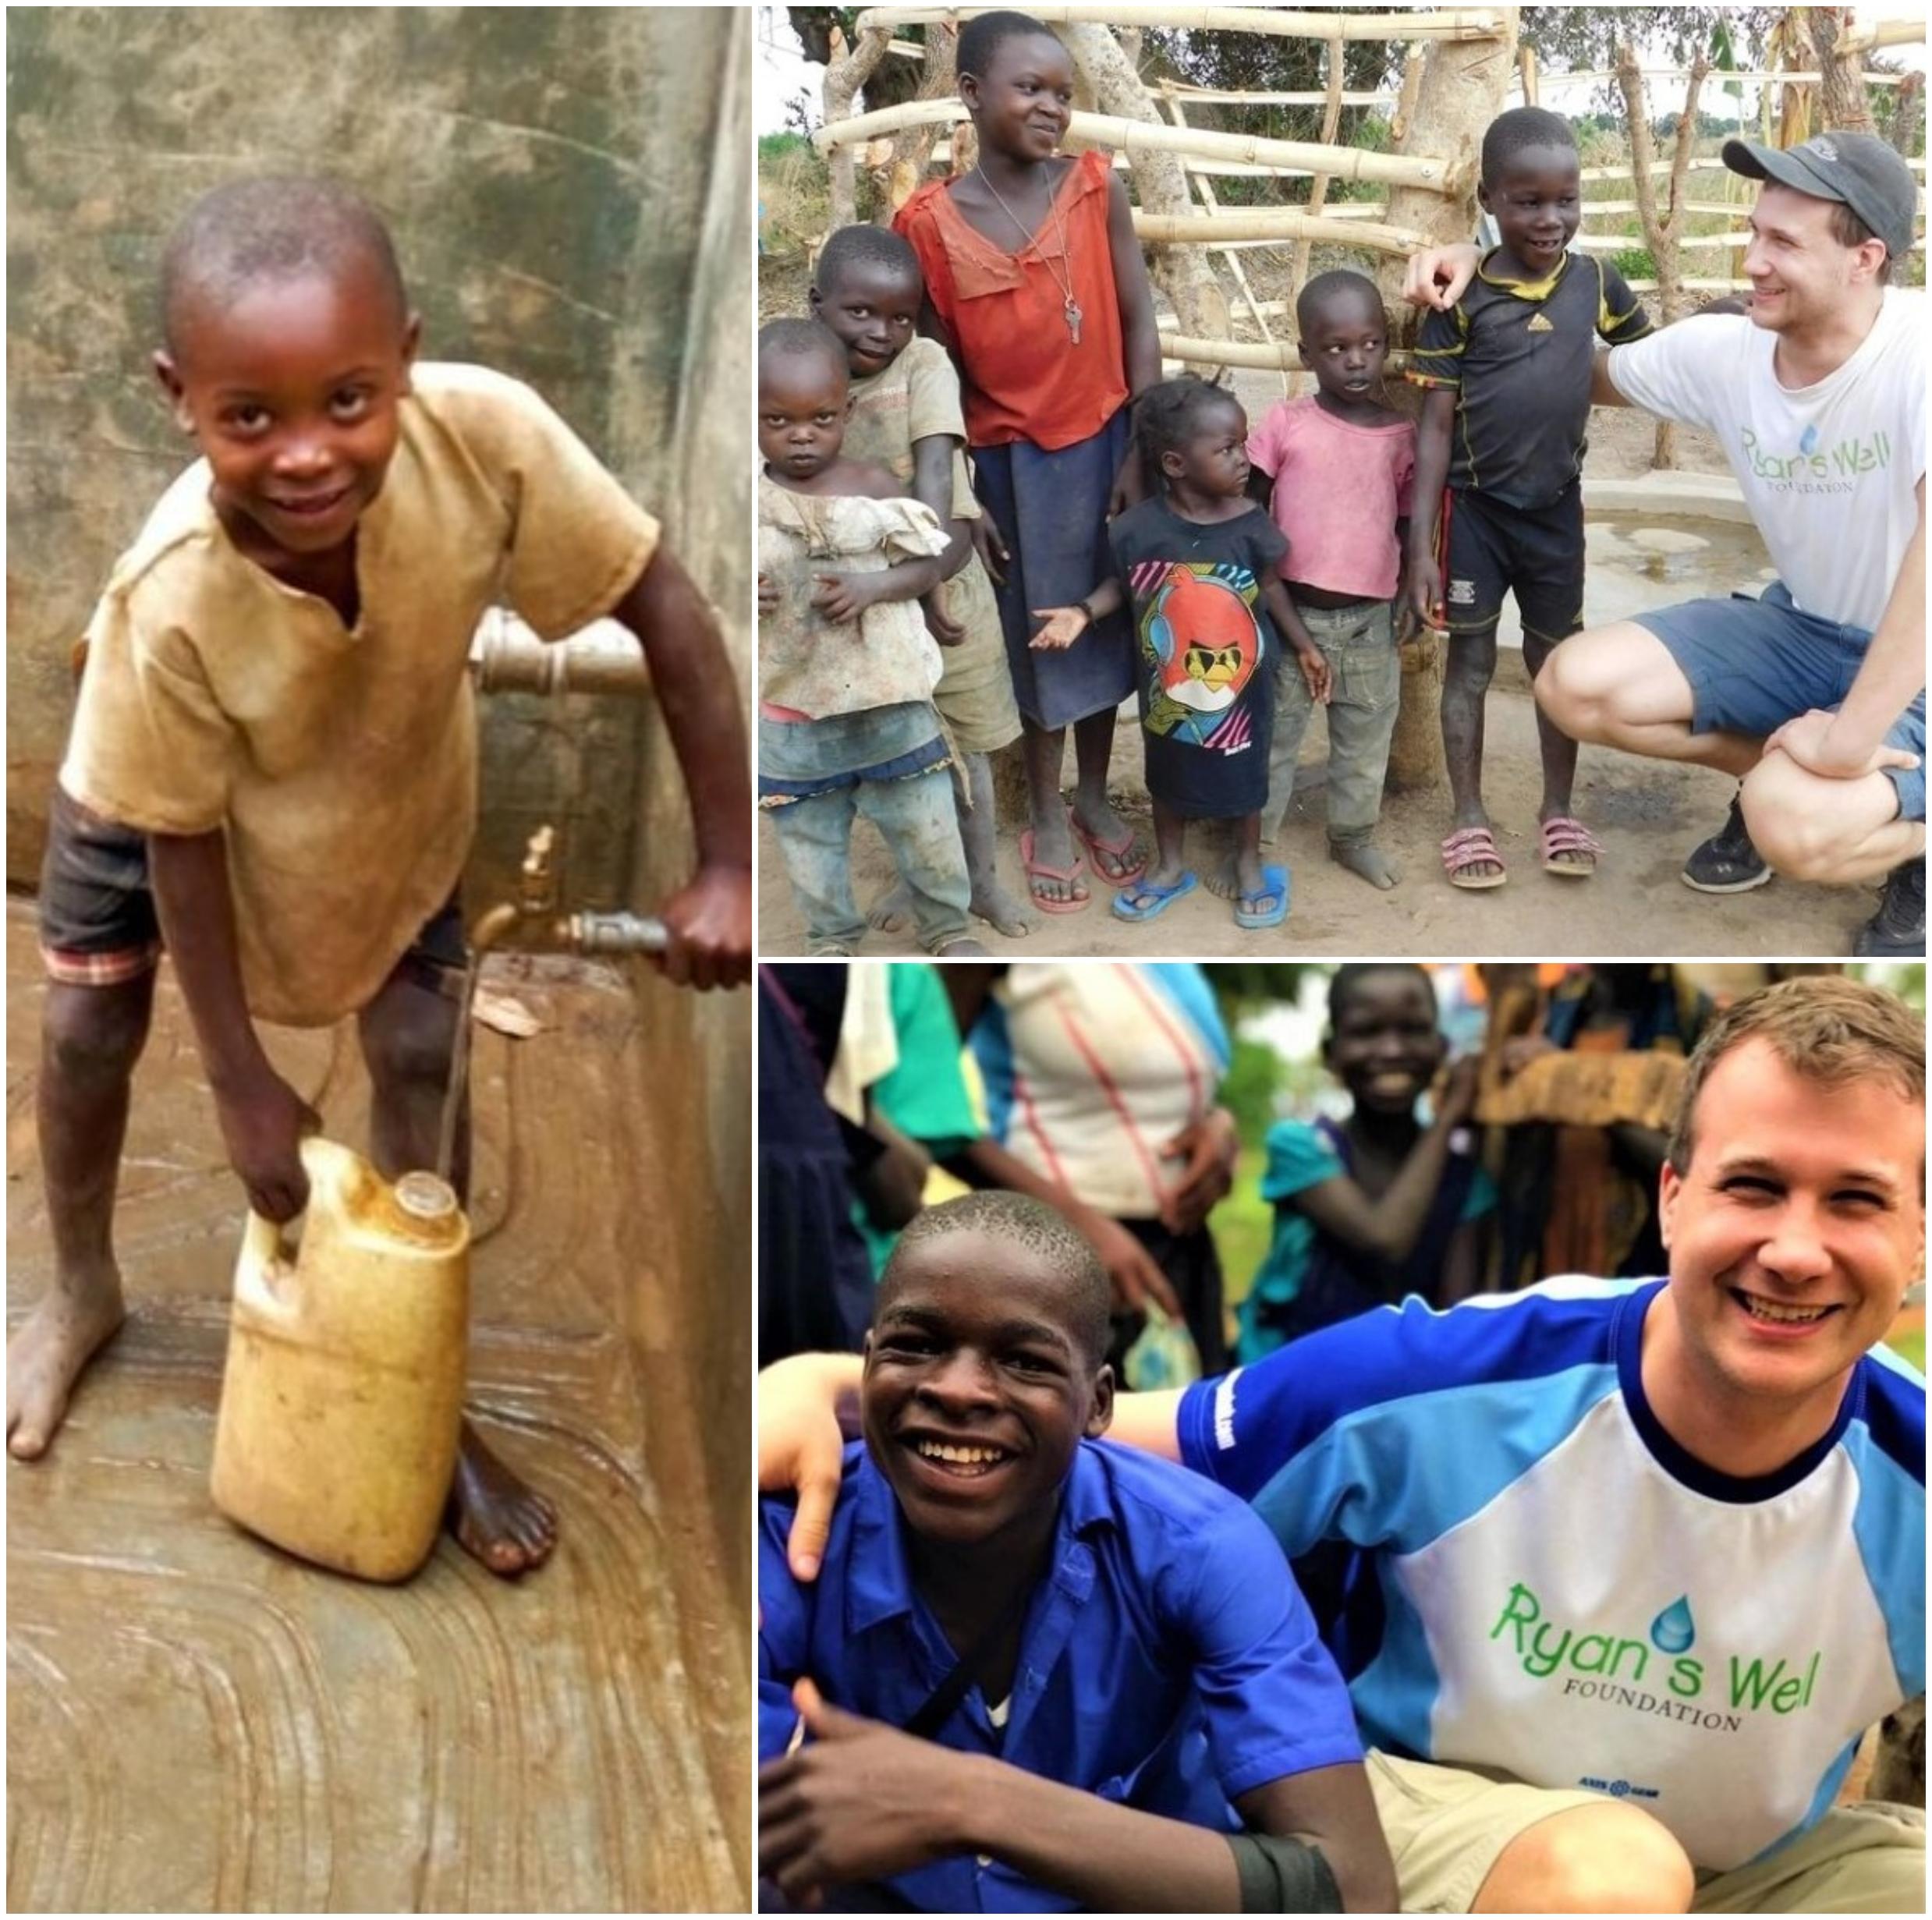 Joven llevando agua potable; A los 6 años llevó agua potable a África; ahora tiene su propia fundación